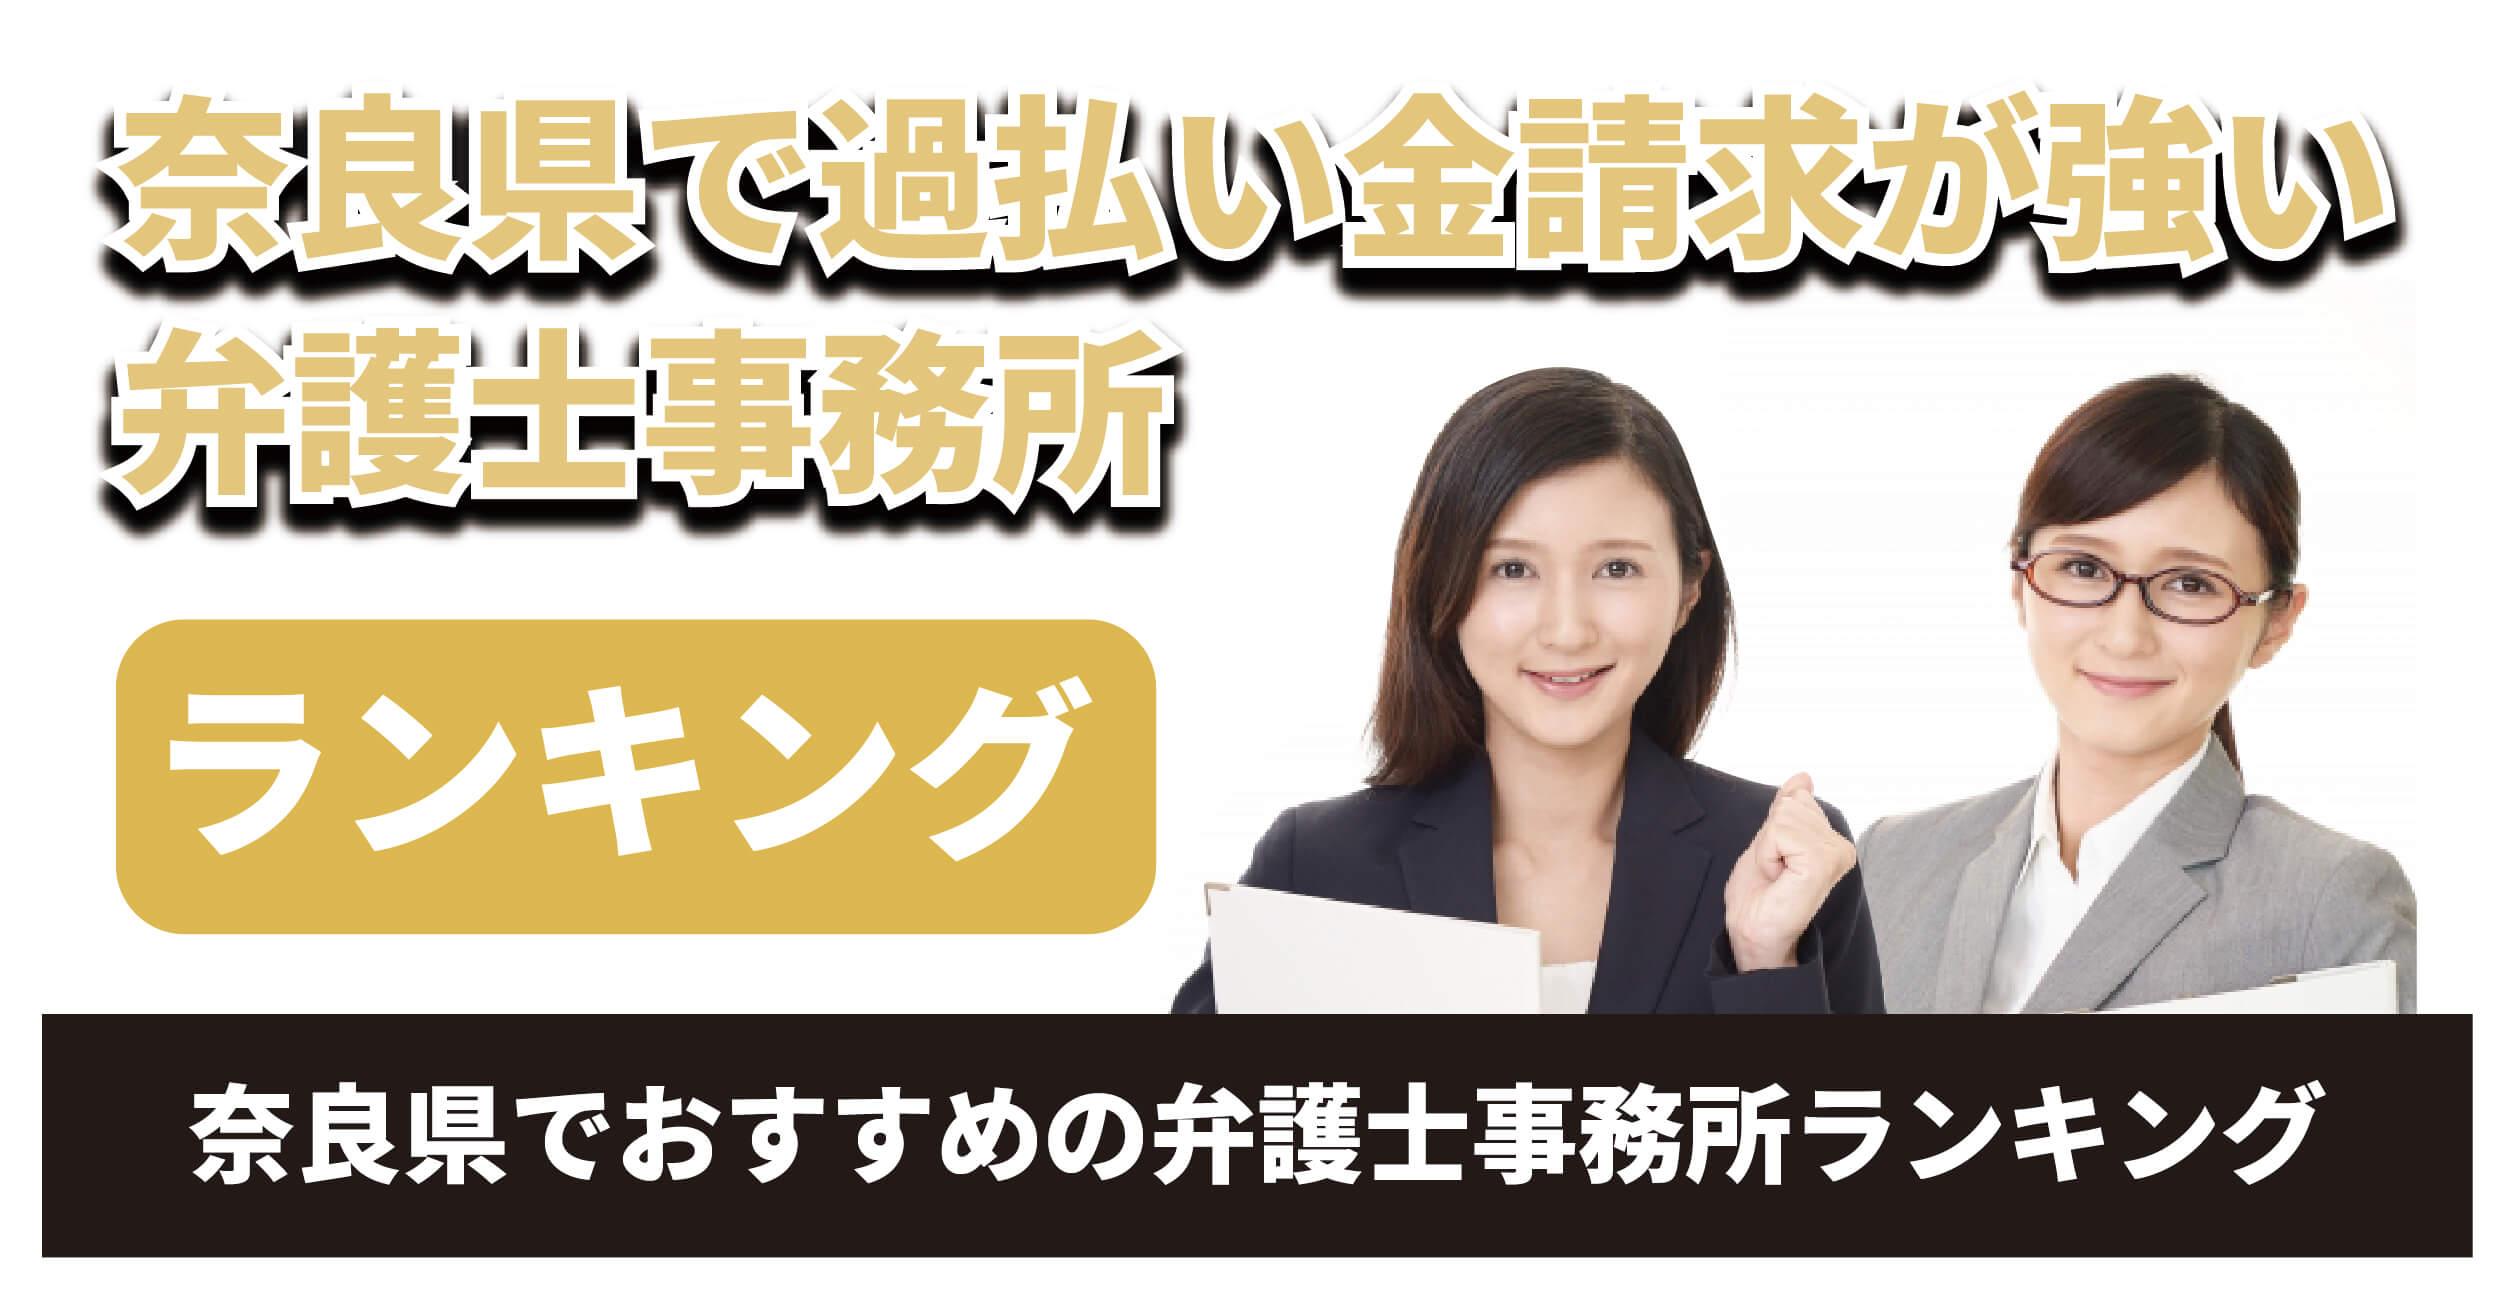 奈良県で過払い金請求が強い弁護士は?